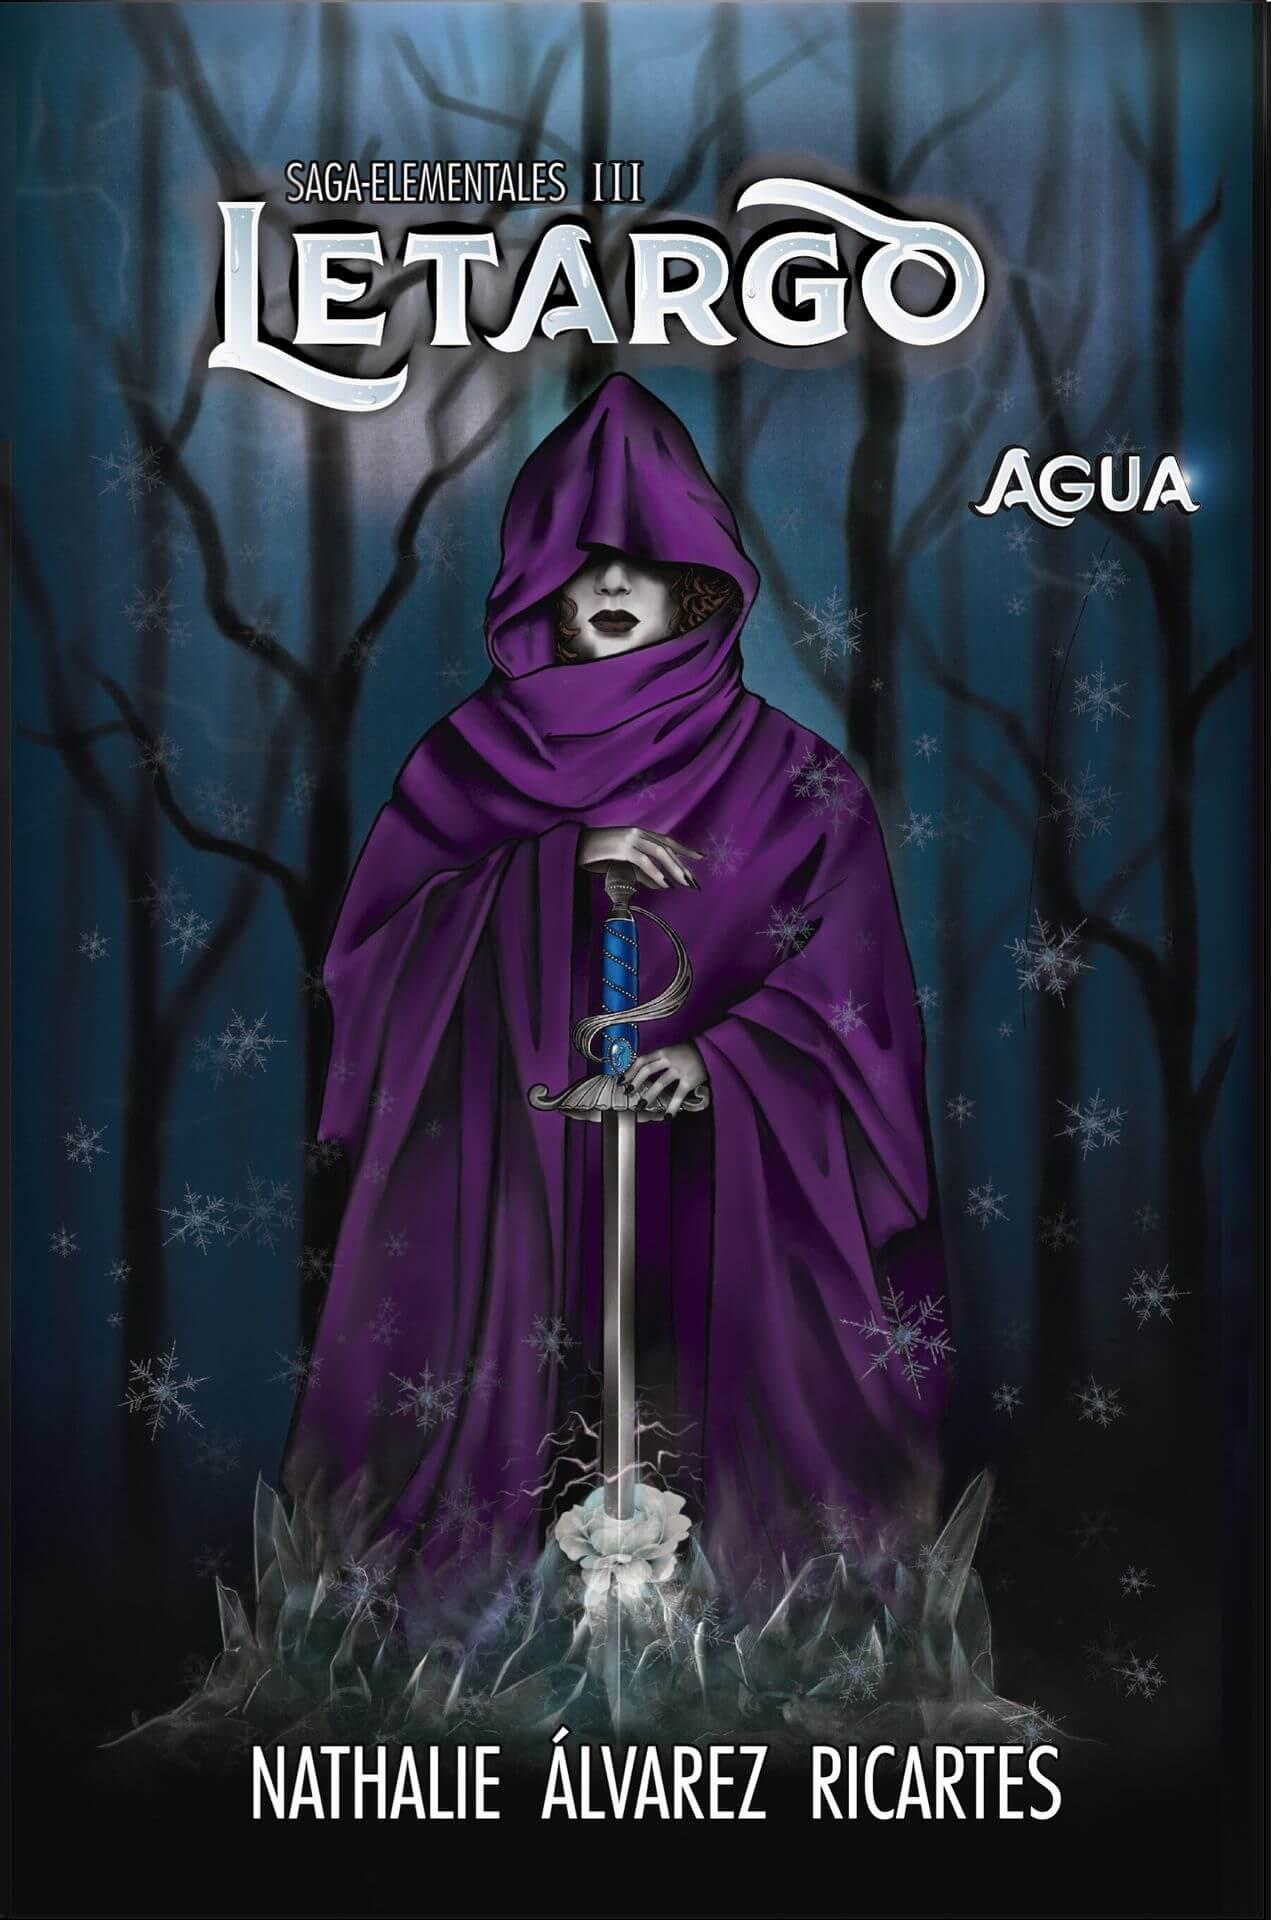 Saga elementales - Letargo Agua